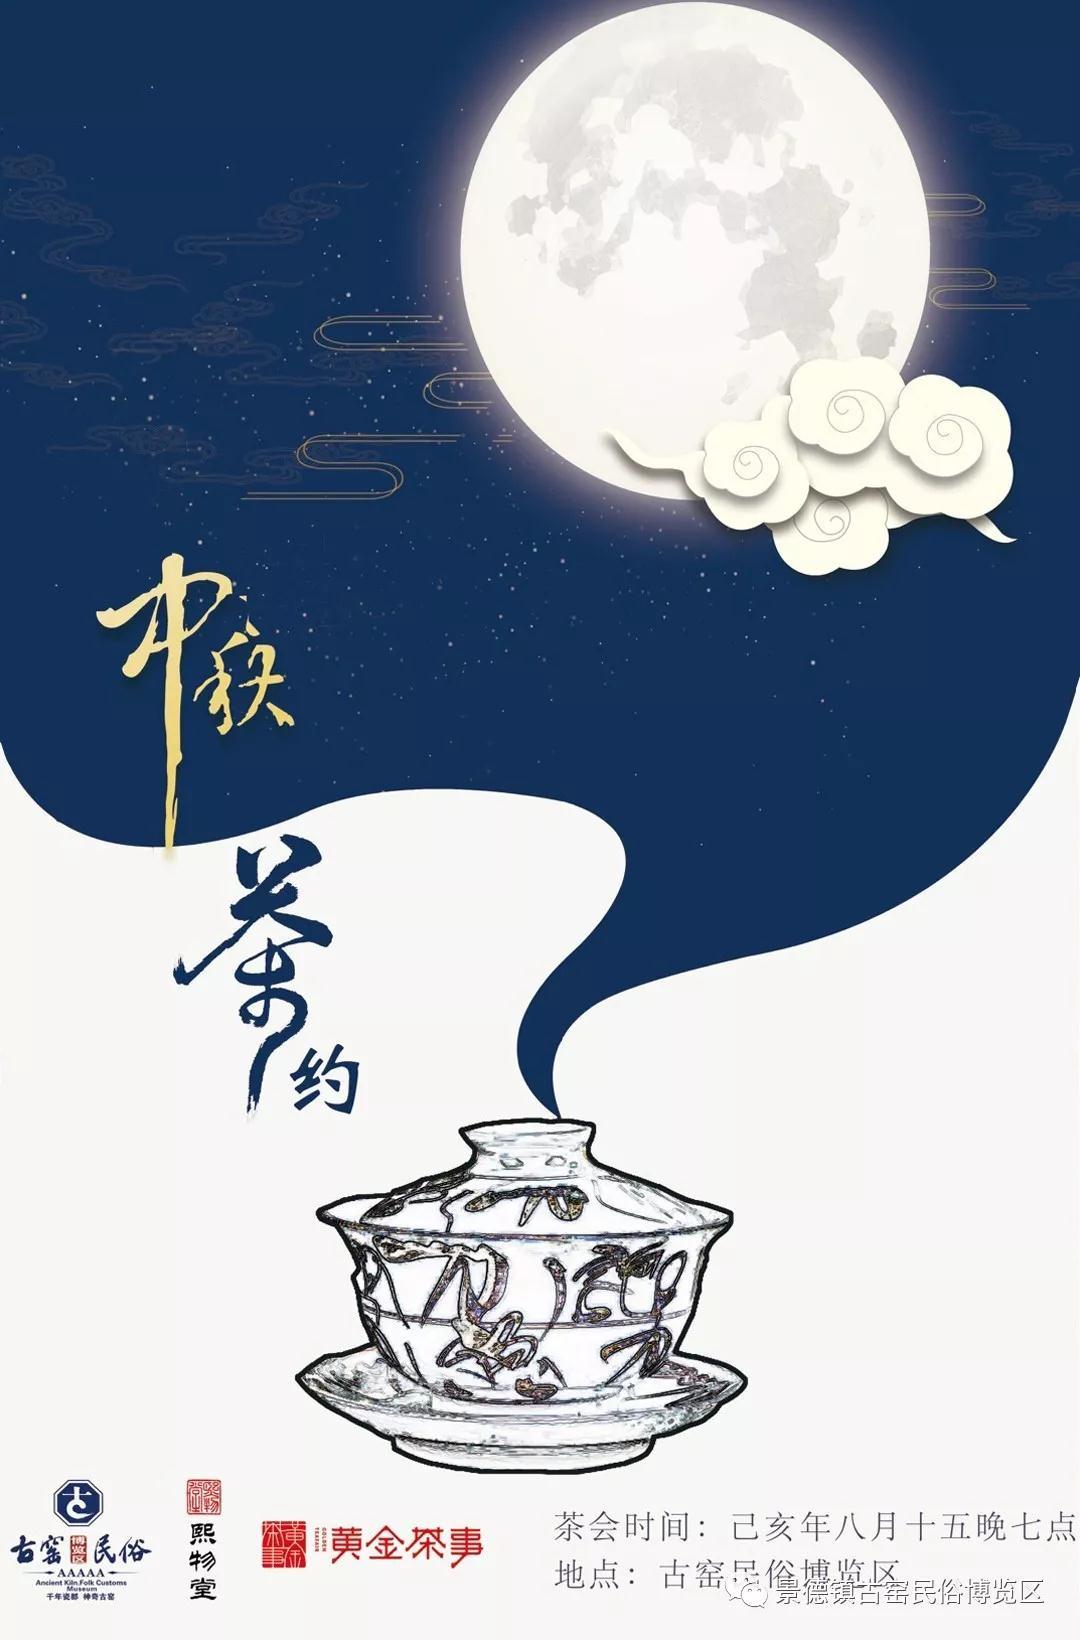 月满中秋夜 一场茶约火爆朋友圈!